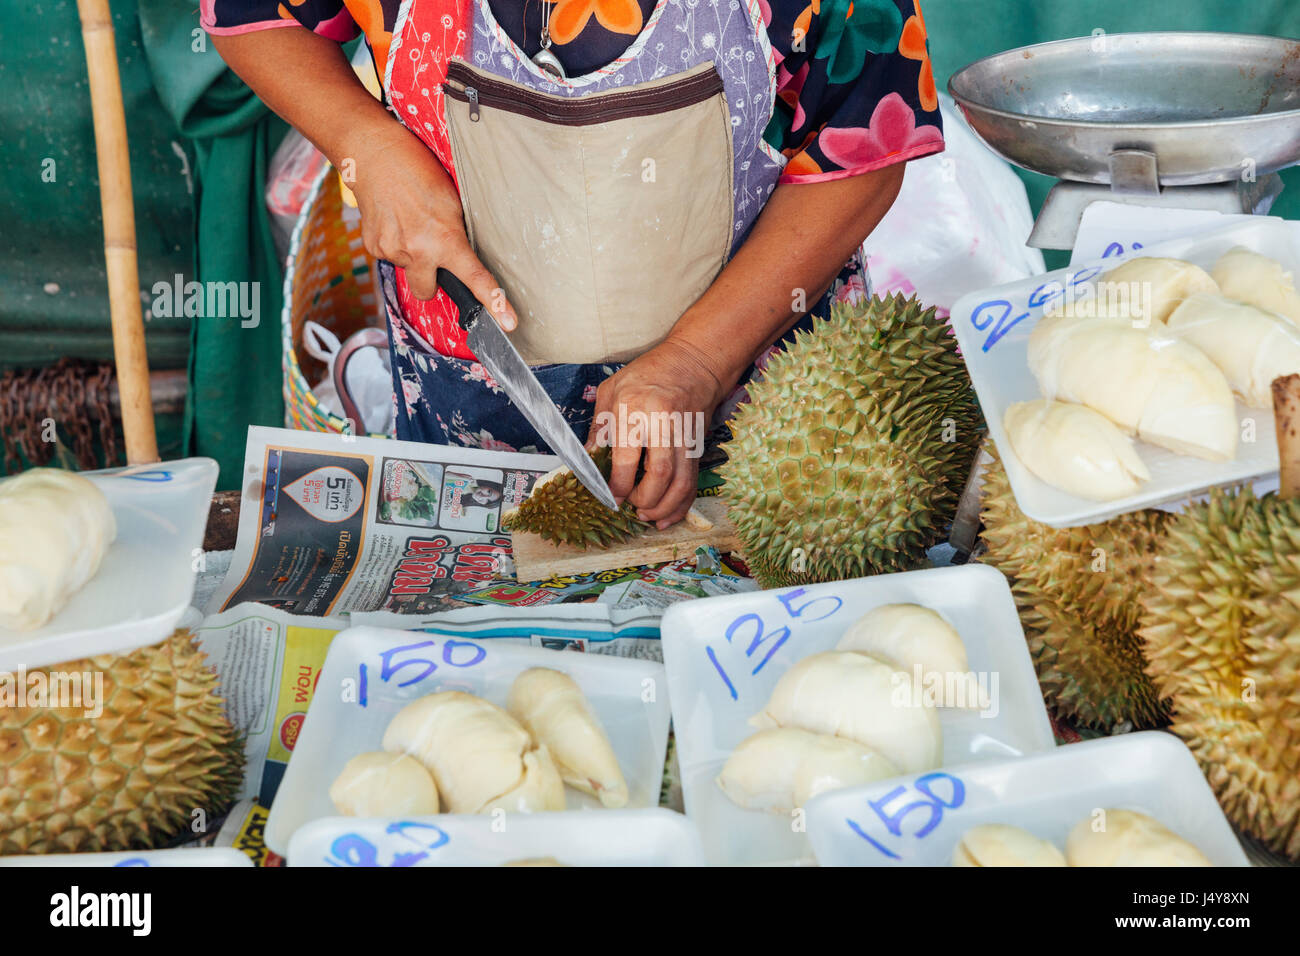 CHIANG MAI, Thailandia - 24 agosto: Donna tagli durian per la vendita al mercato il 23 agosto 2016 a Chiang Mai, Immagini Stock